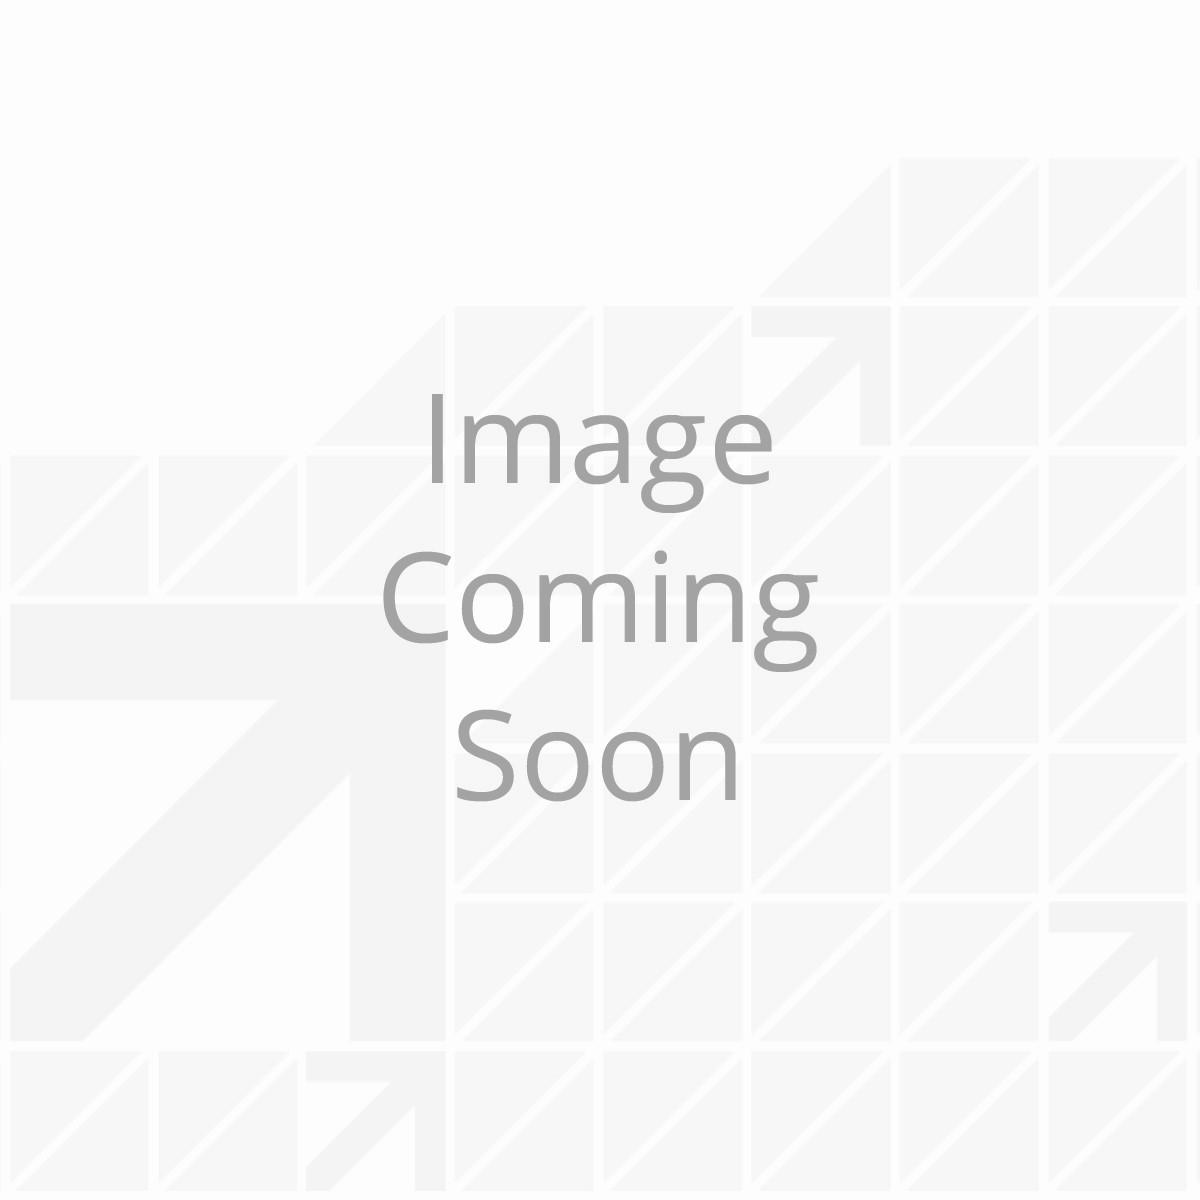 panel-stationary-door-recessed-towable-28